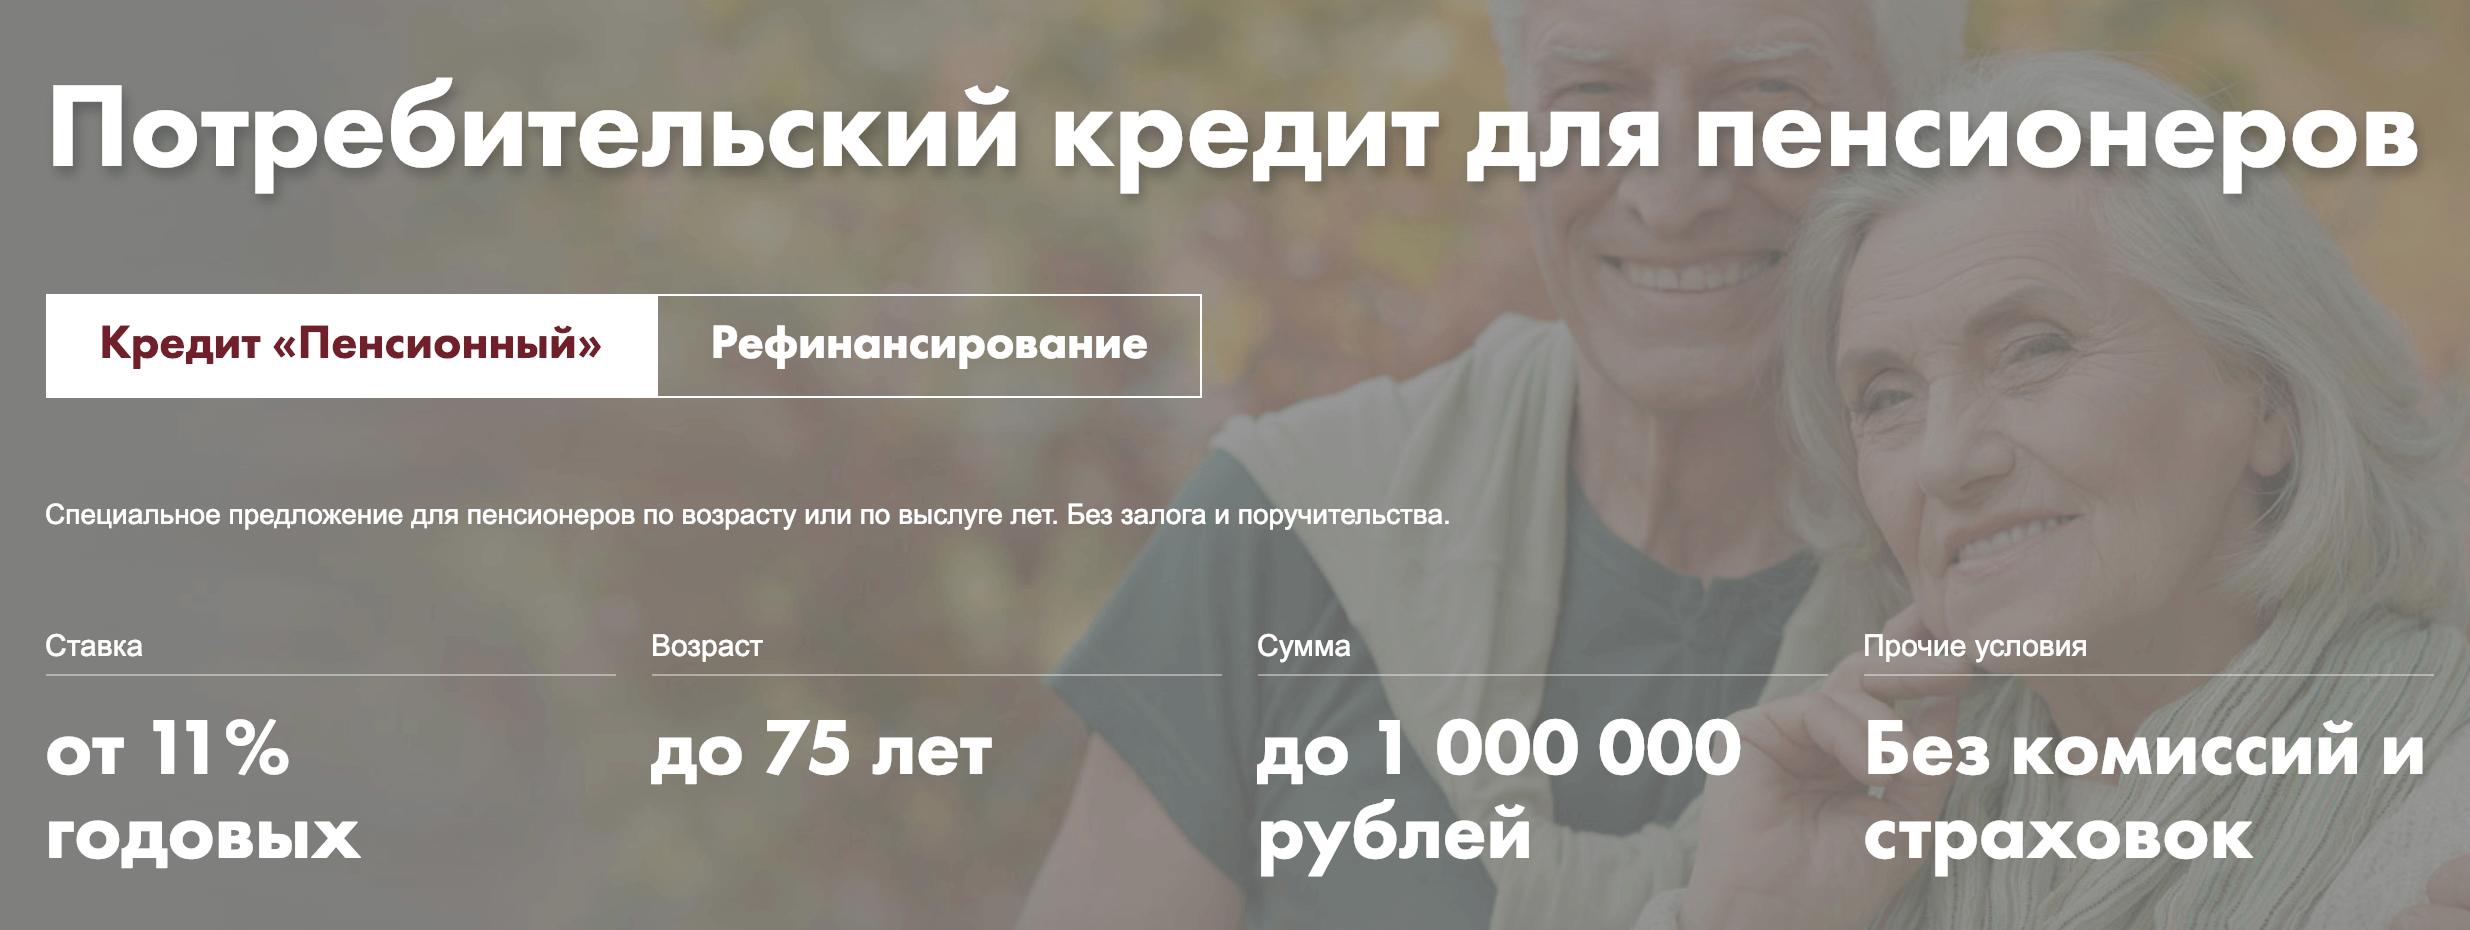 интерпромбанк кредит пенсионерам